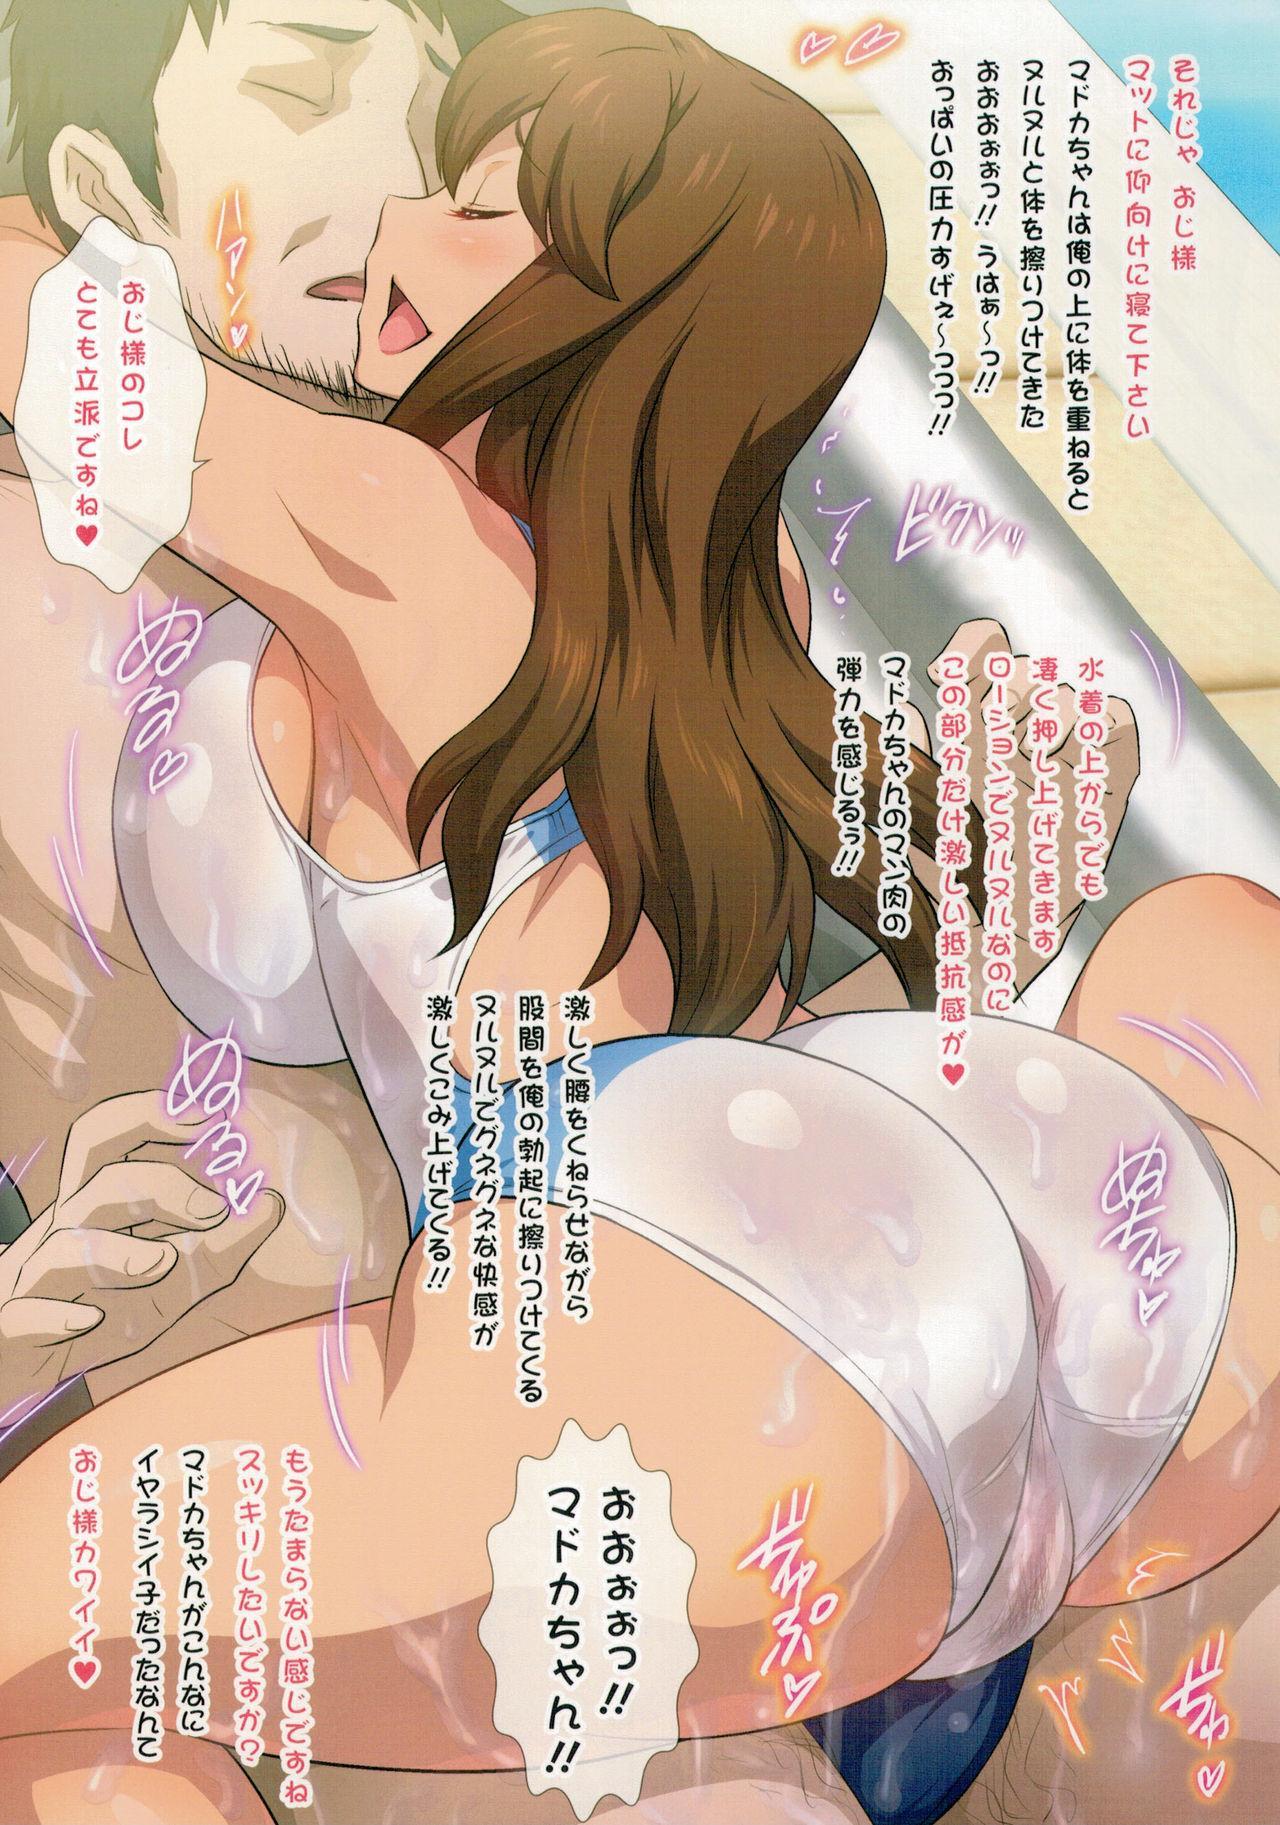 Yorokobi no Kuni Vol.31 JK Fuuzoku Gakuensai 1 18